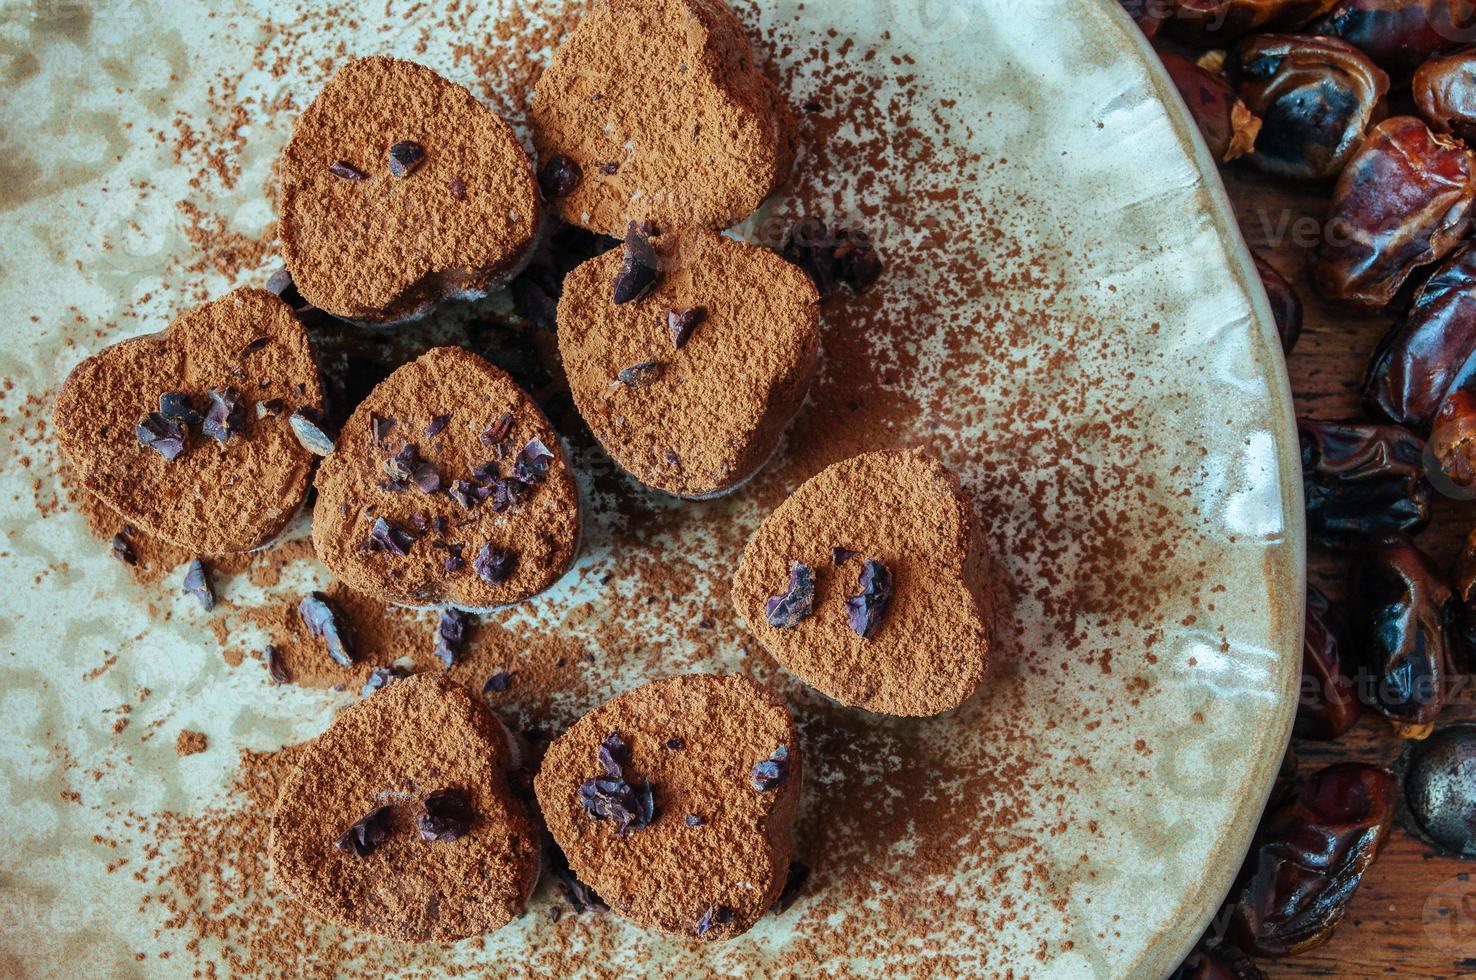 caramelle al cioccolato crudo sul piatto foto